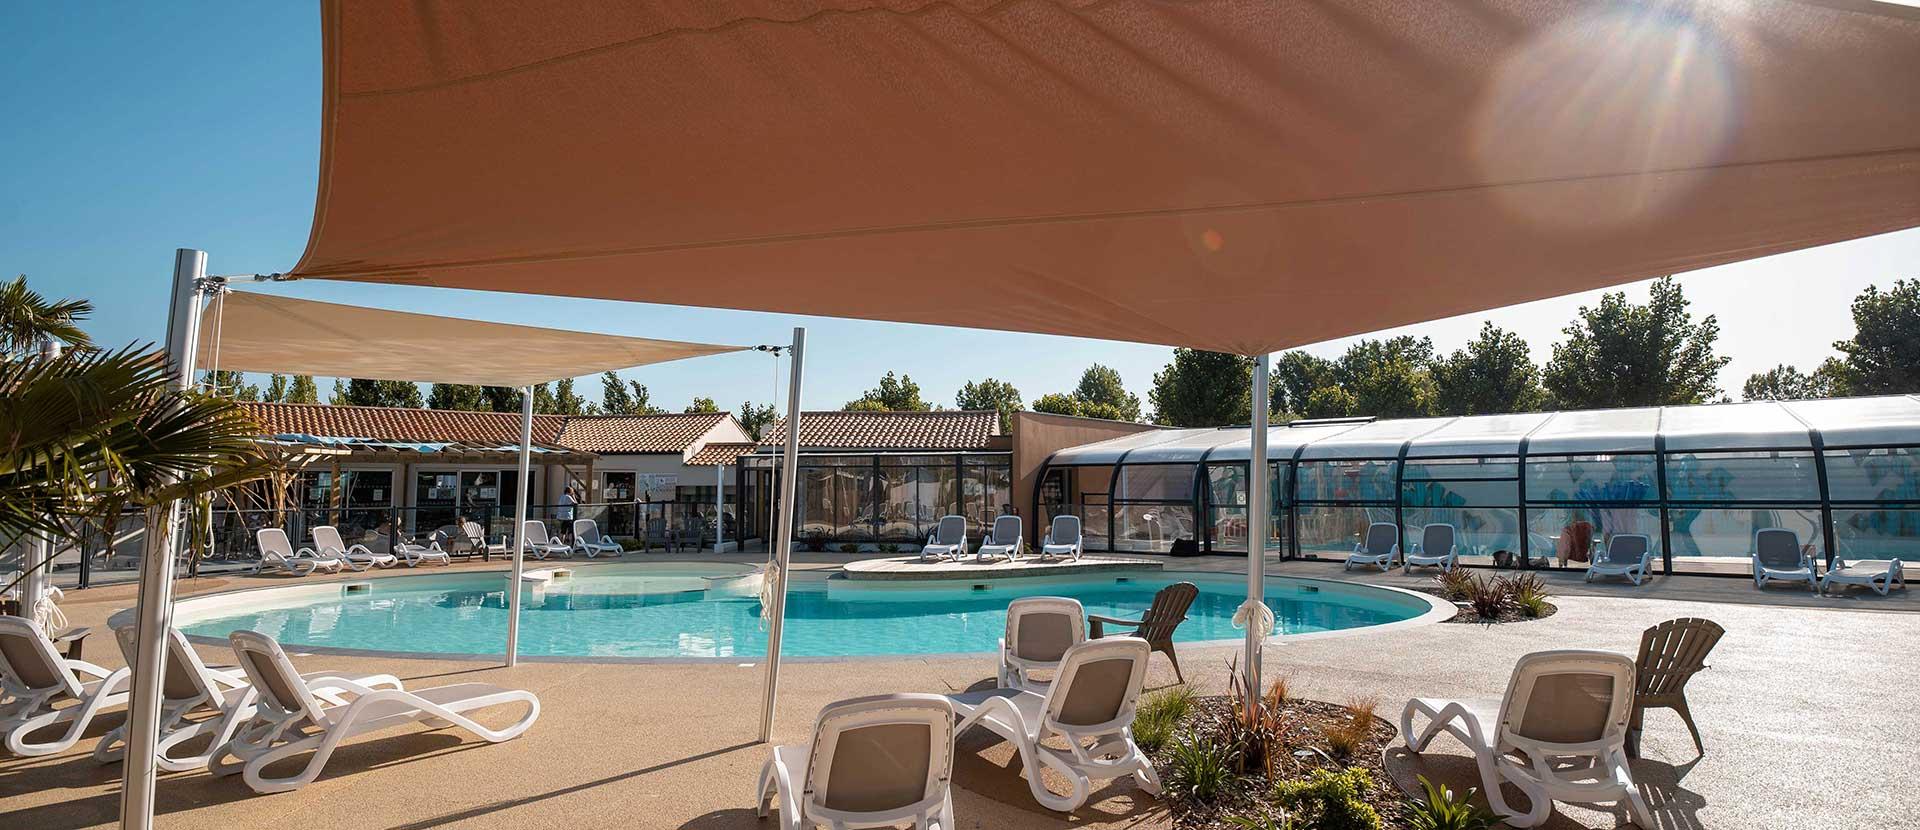 la piscine du camping à saint hilaire de riez